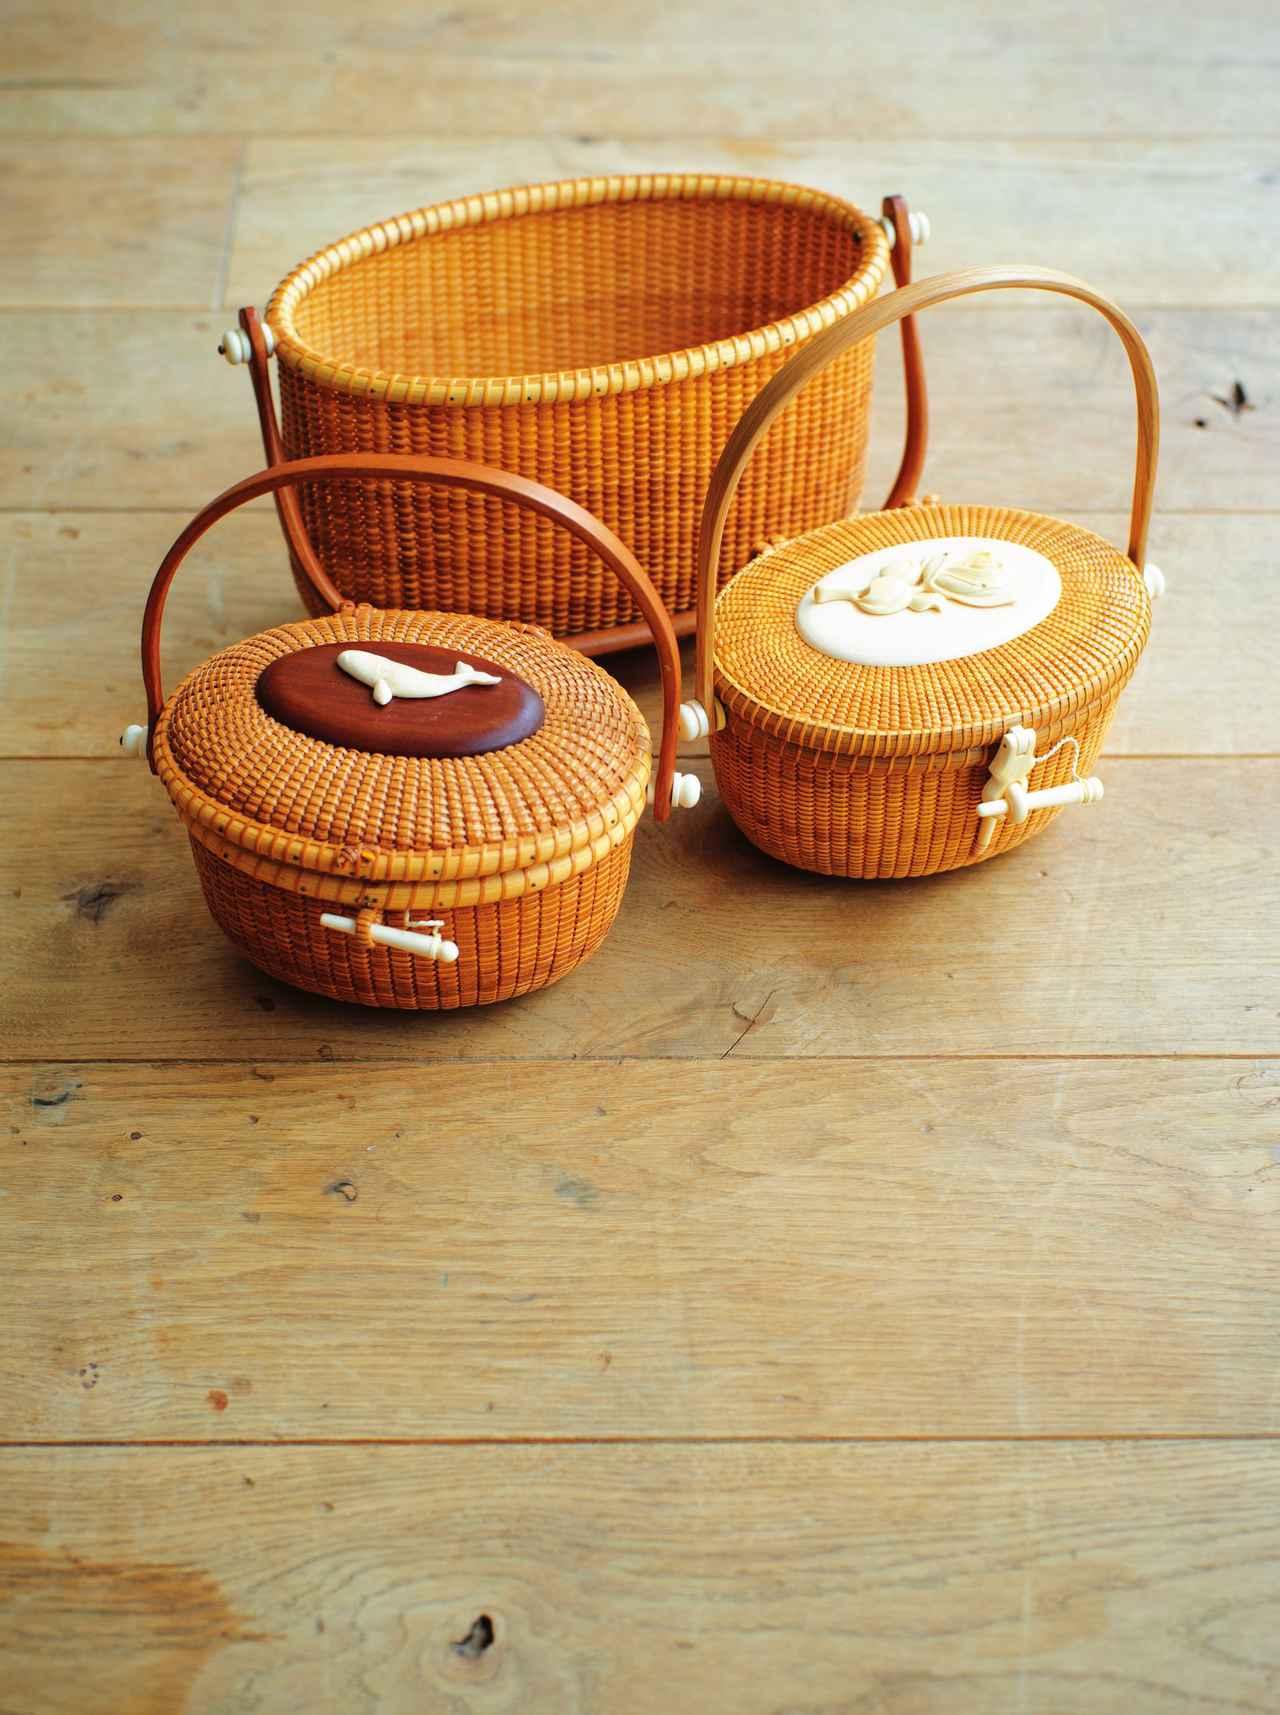 画像: ナンタケットバスケットは佇まいが好き アメリカ・ナンタケット島でつくられている伝統工芸品、ナンタケットバスケット。細かい目と象牙の細工が特徴。パーティのときなどに持つ